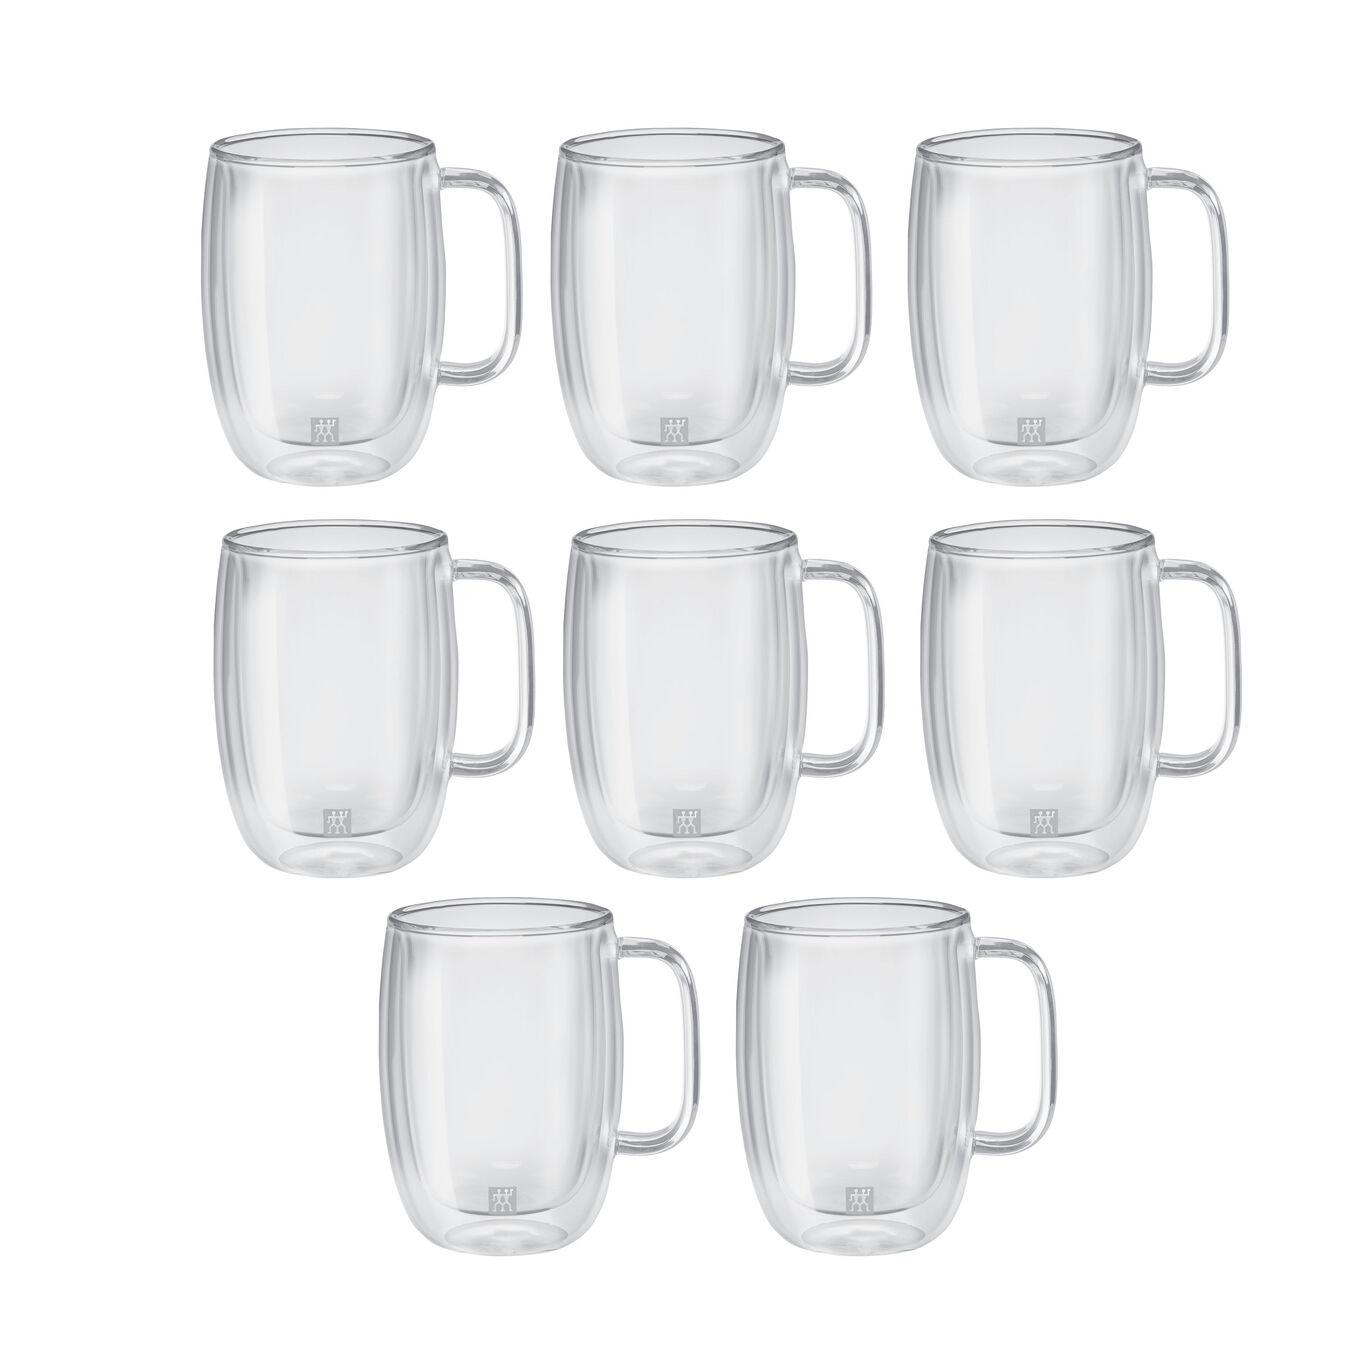 8 Piece Latte Mug Set - Value Pack,,large 1